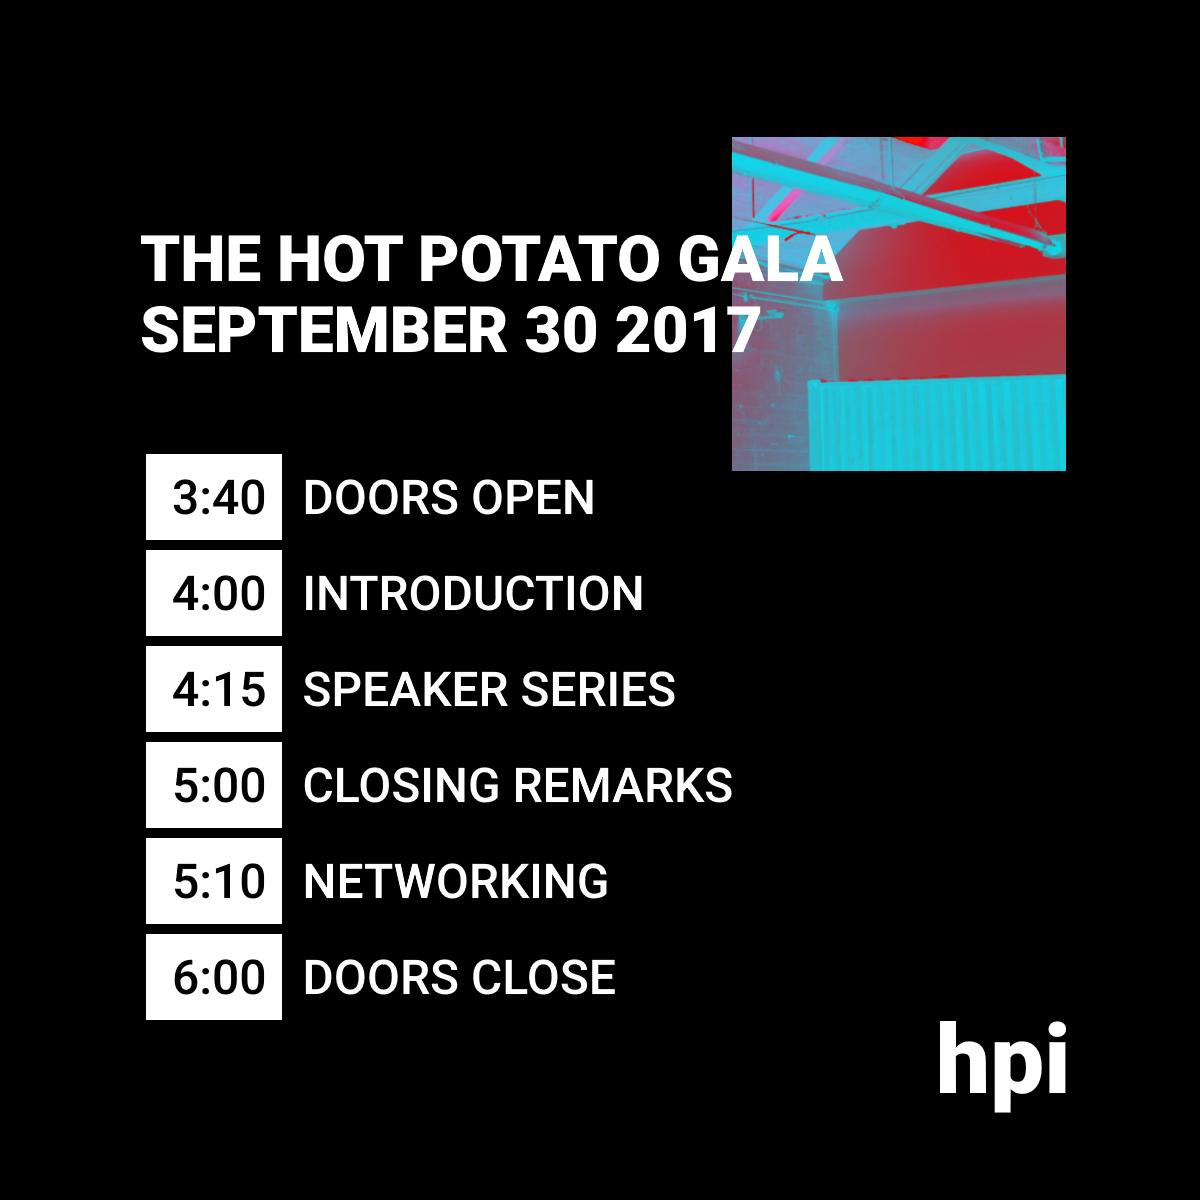 Gala Schedule